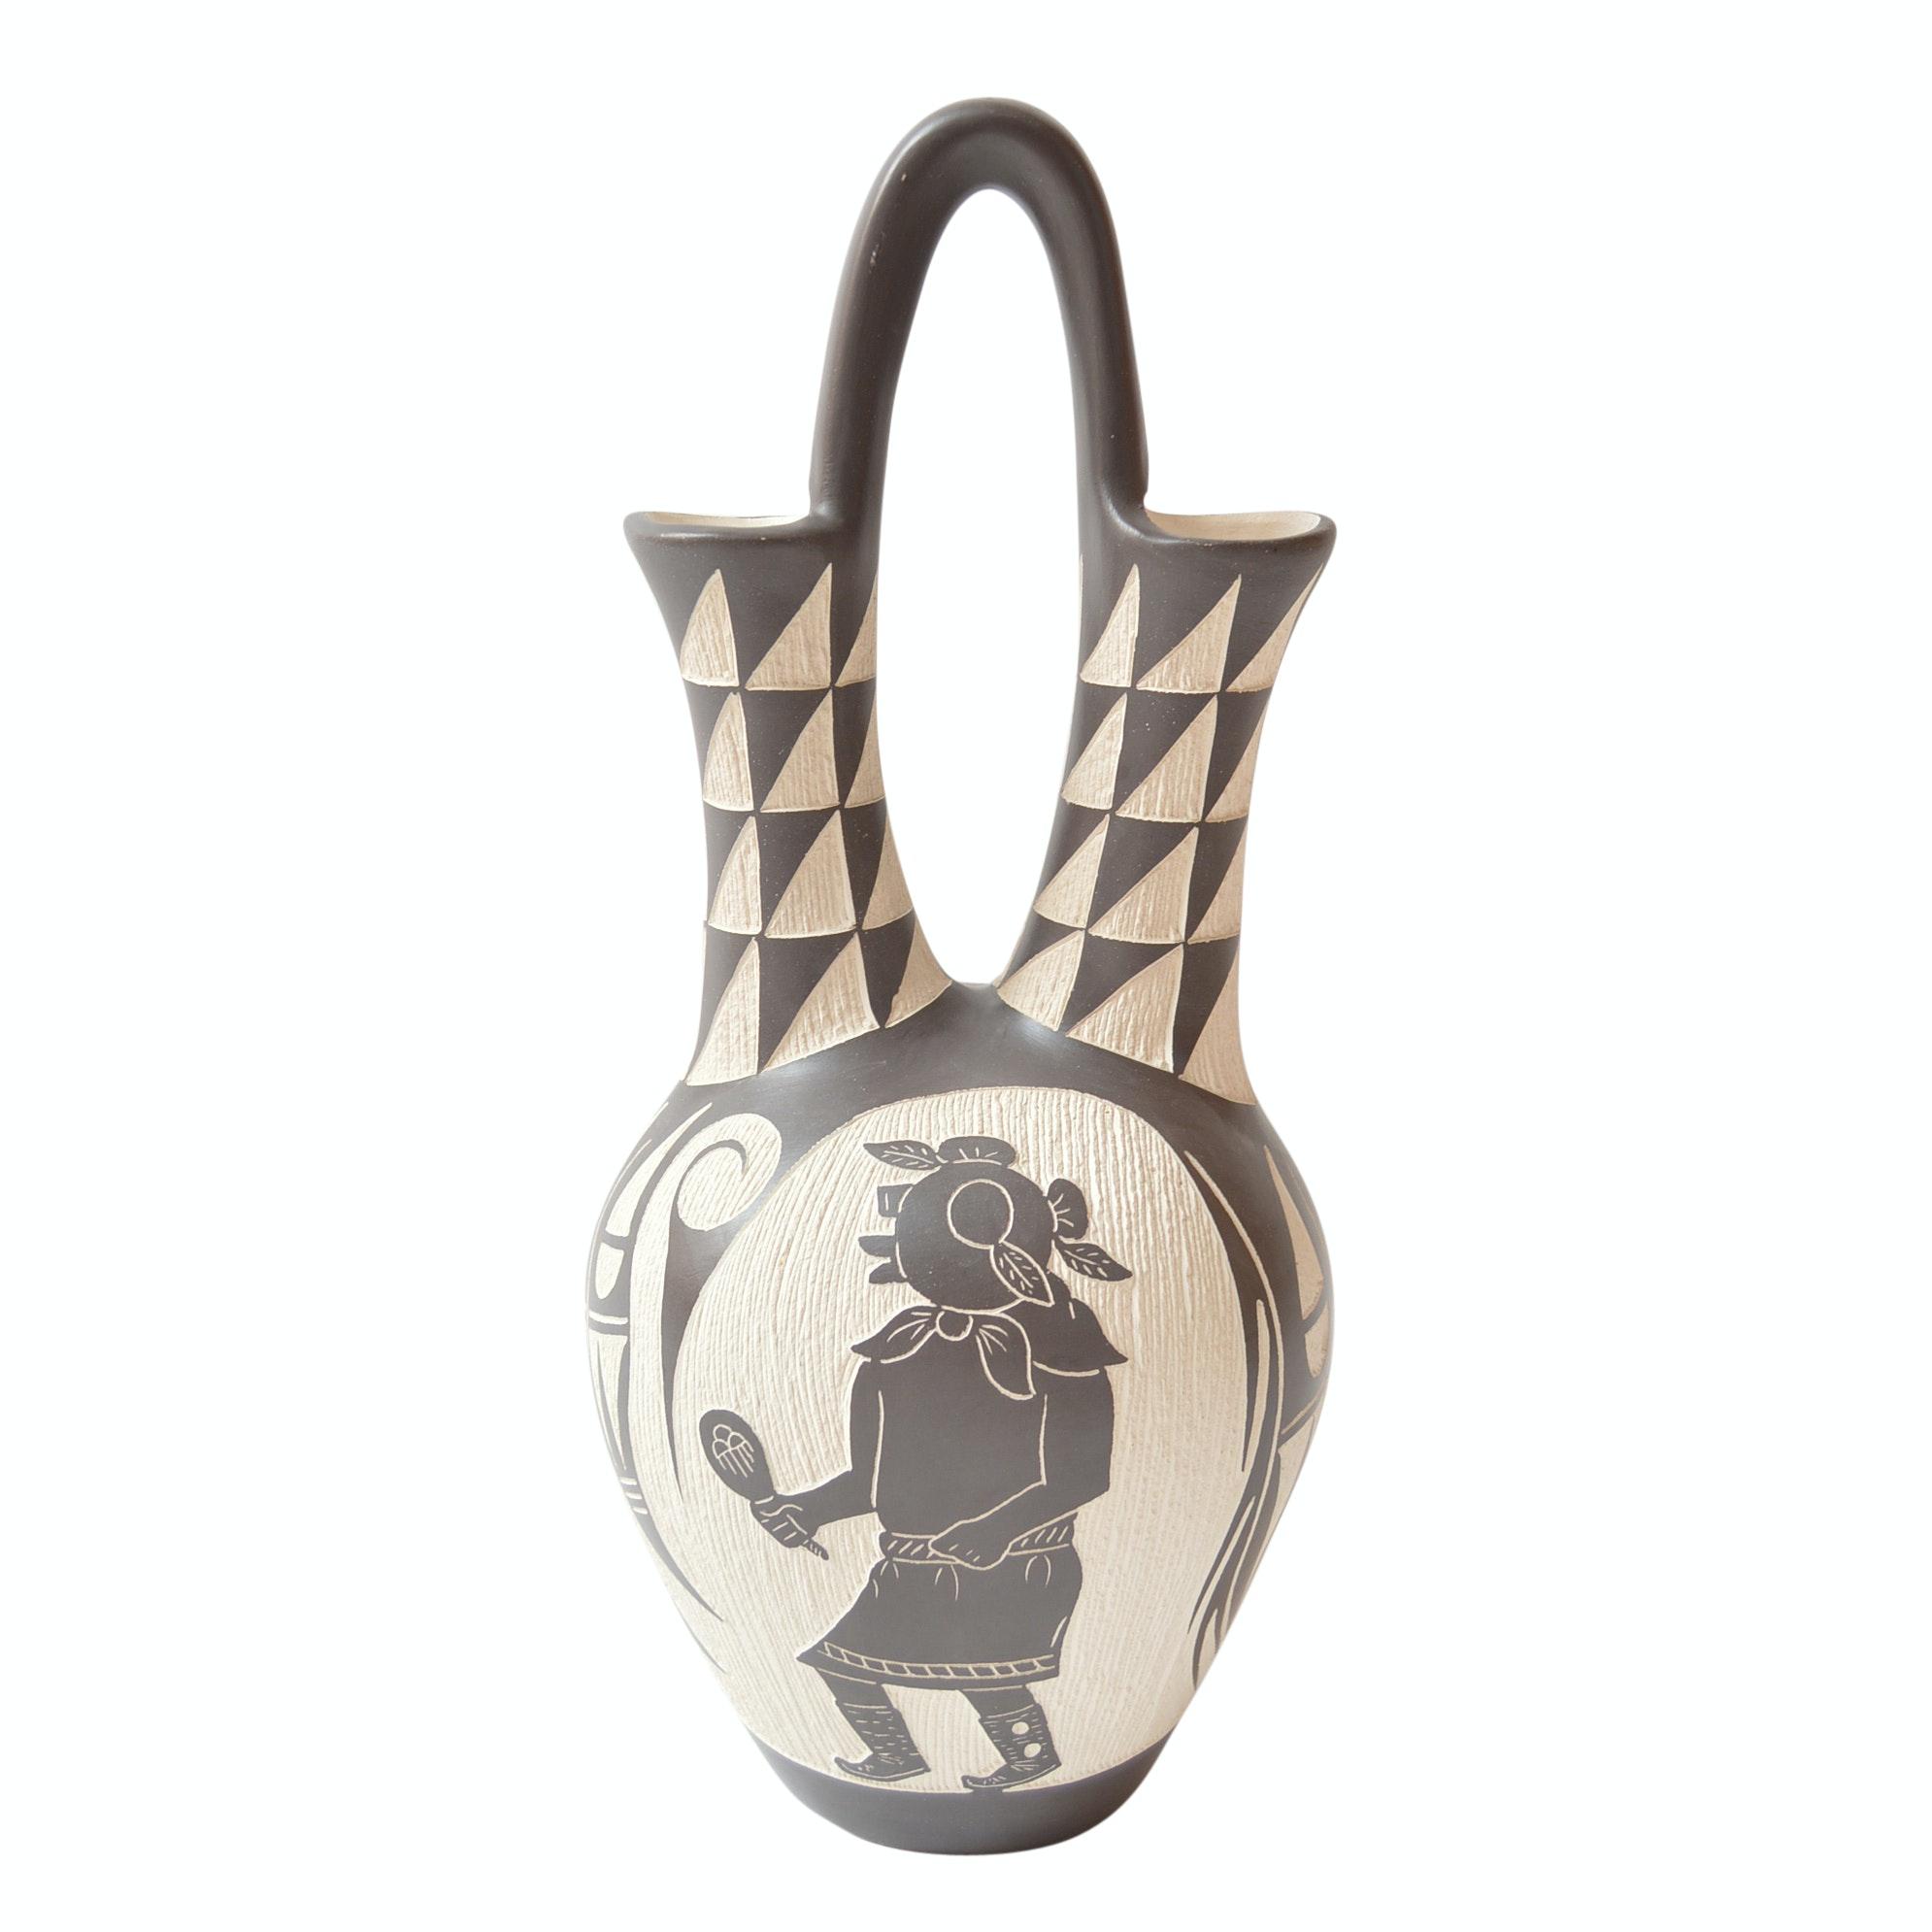 Arthur Lucario Signed Laguna Etched Pottery Wedding Vase